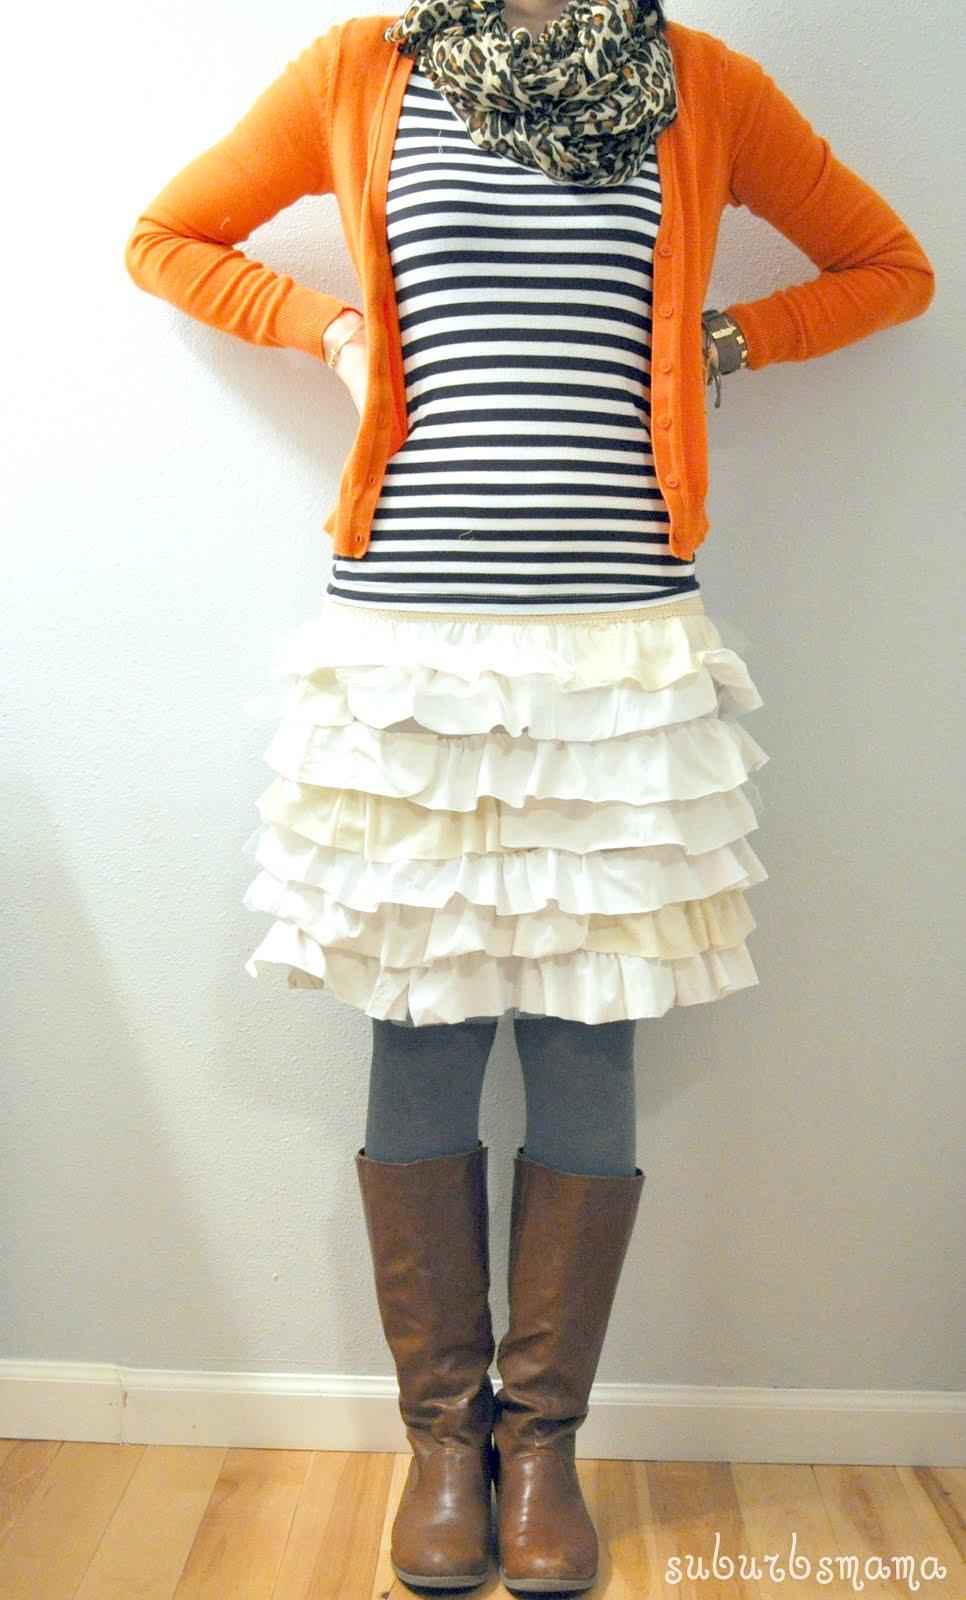 A Ruffle Skirt from an Old T-shirt